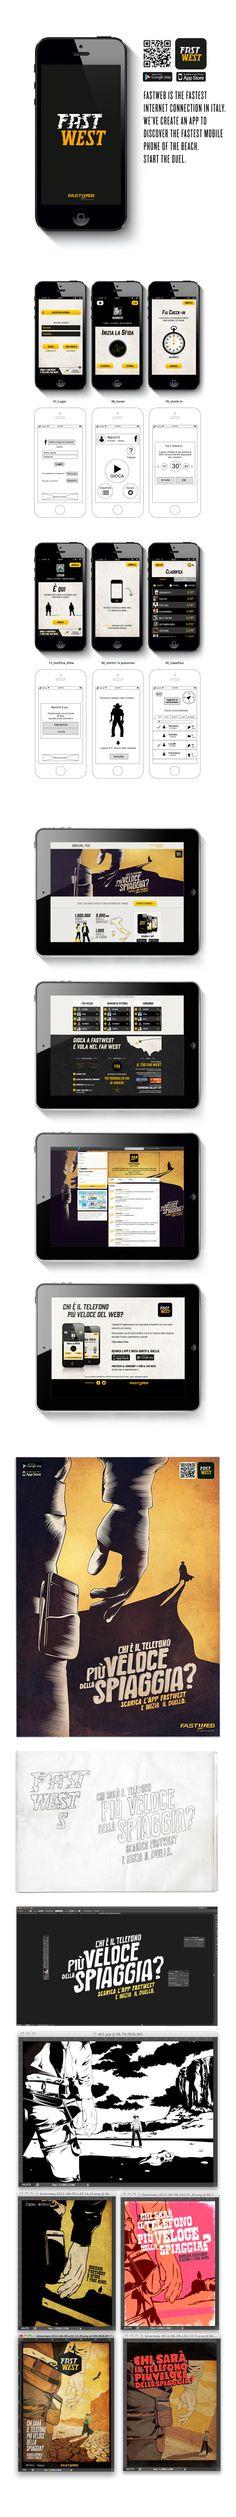 Fastwest - App on App Design Served